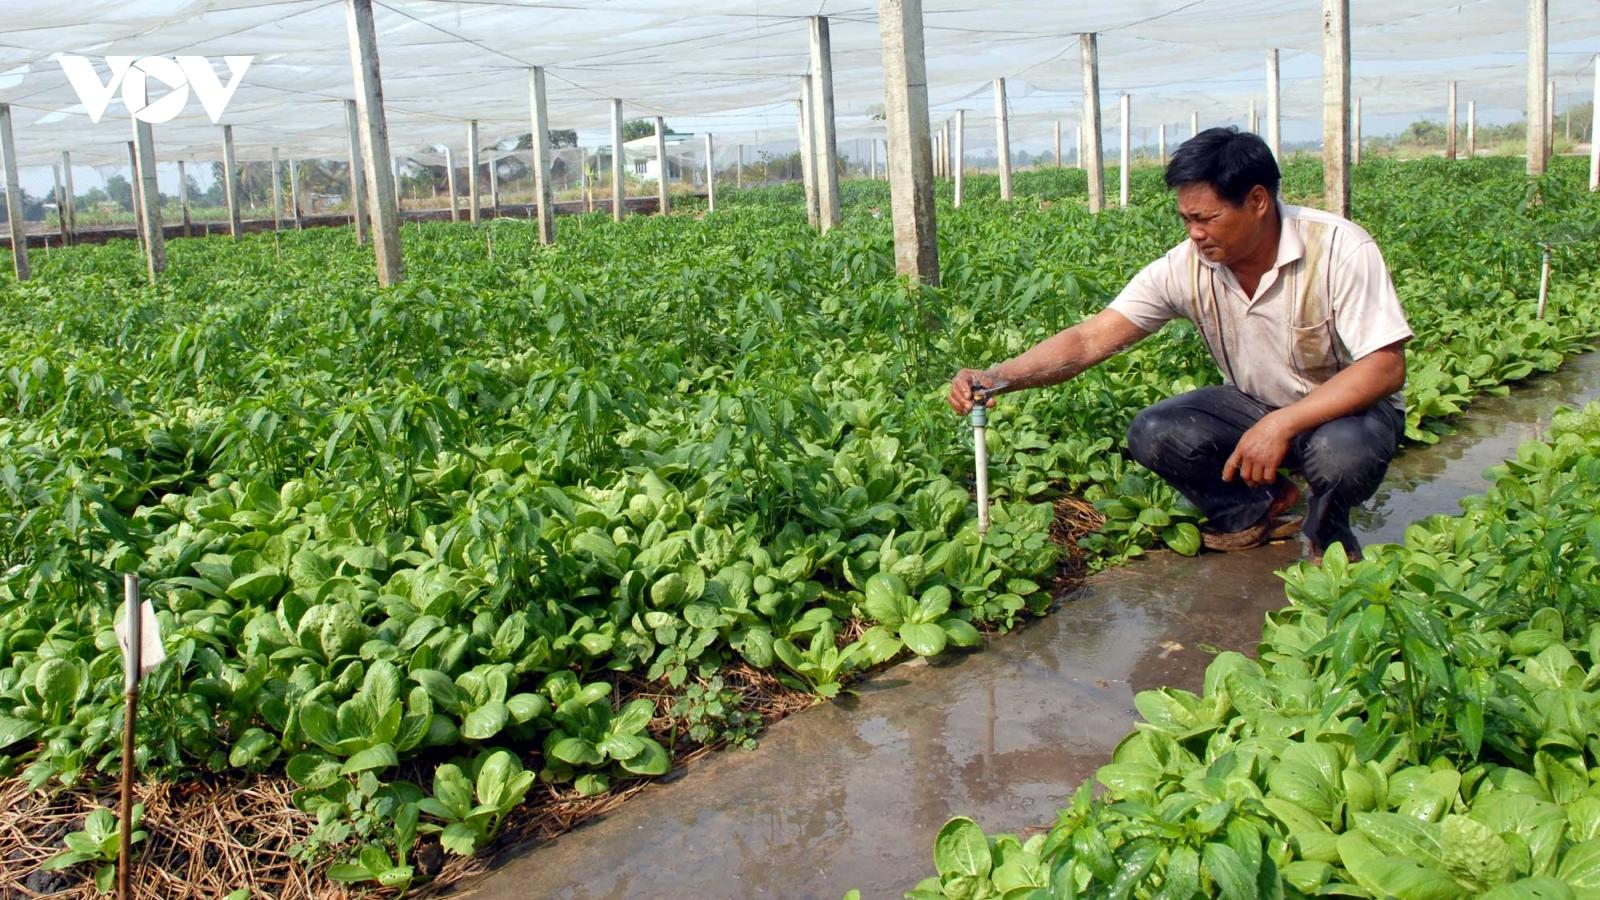 Có nên duy trì hoạt động nông nghiệp ở TP Thủ Đức?